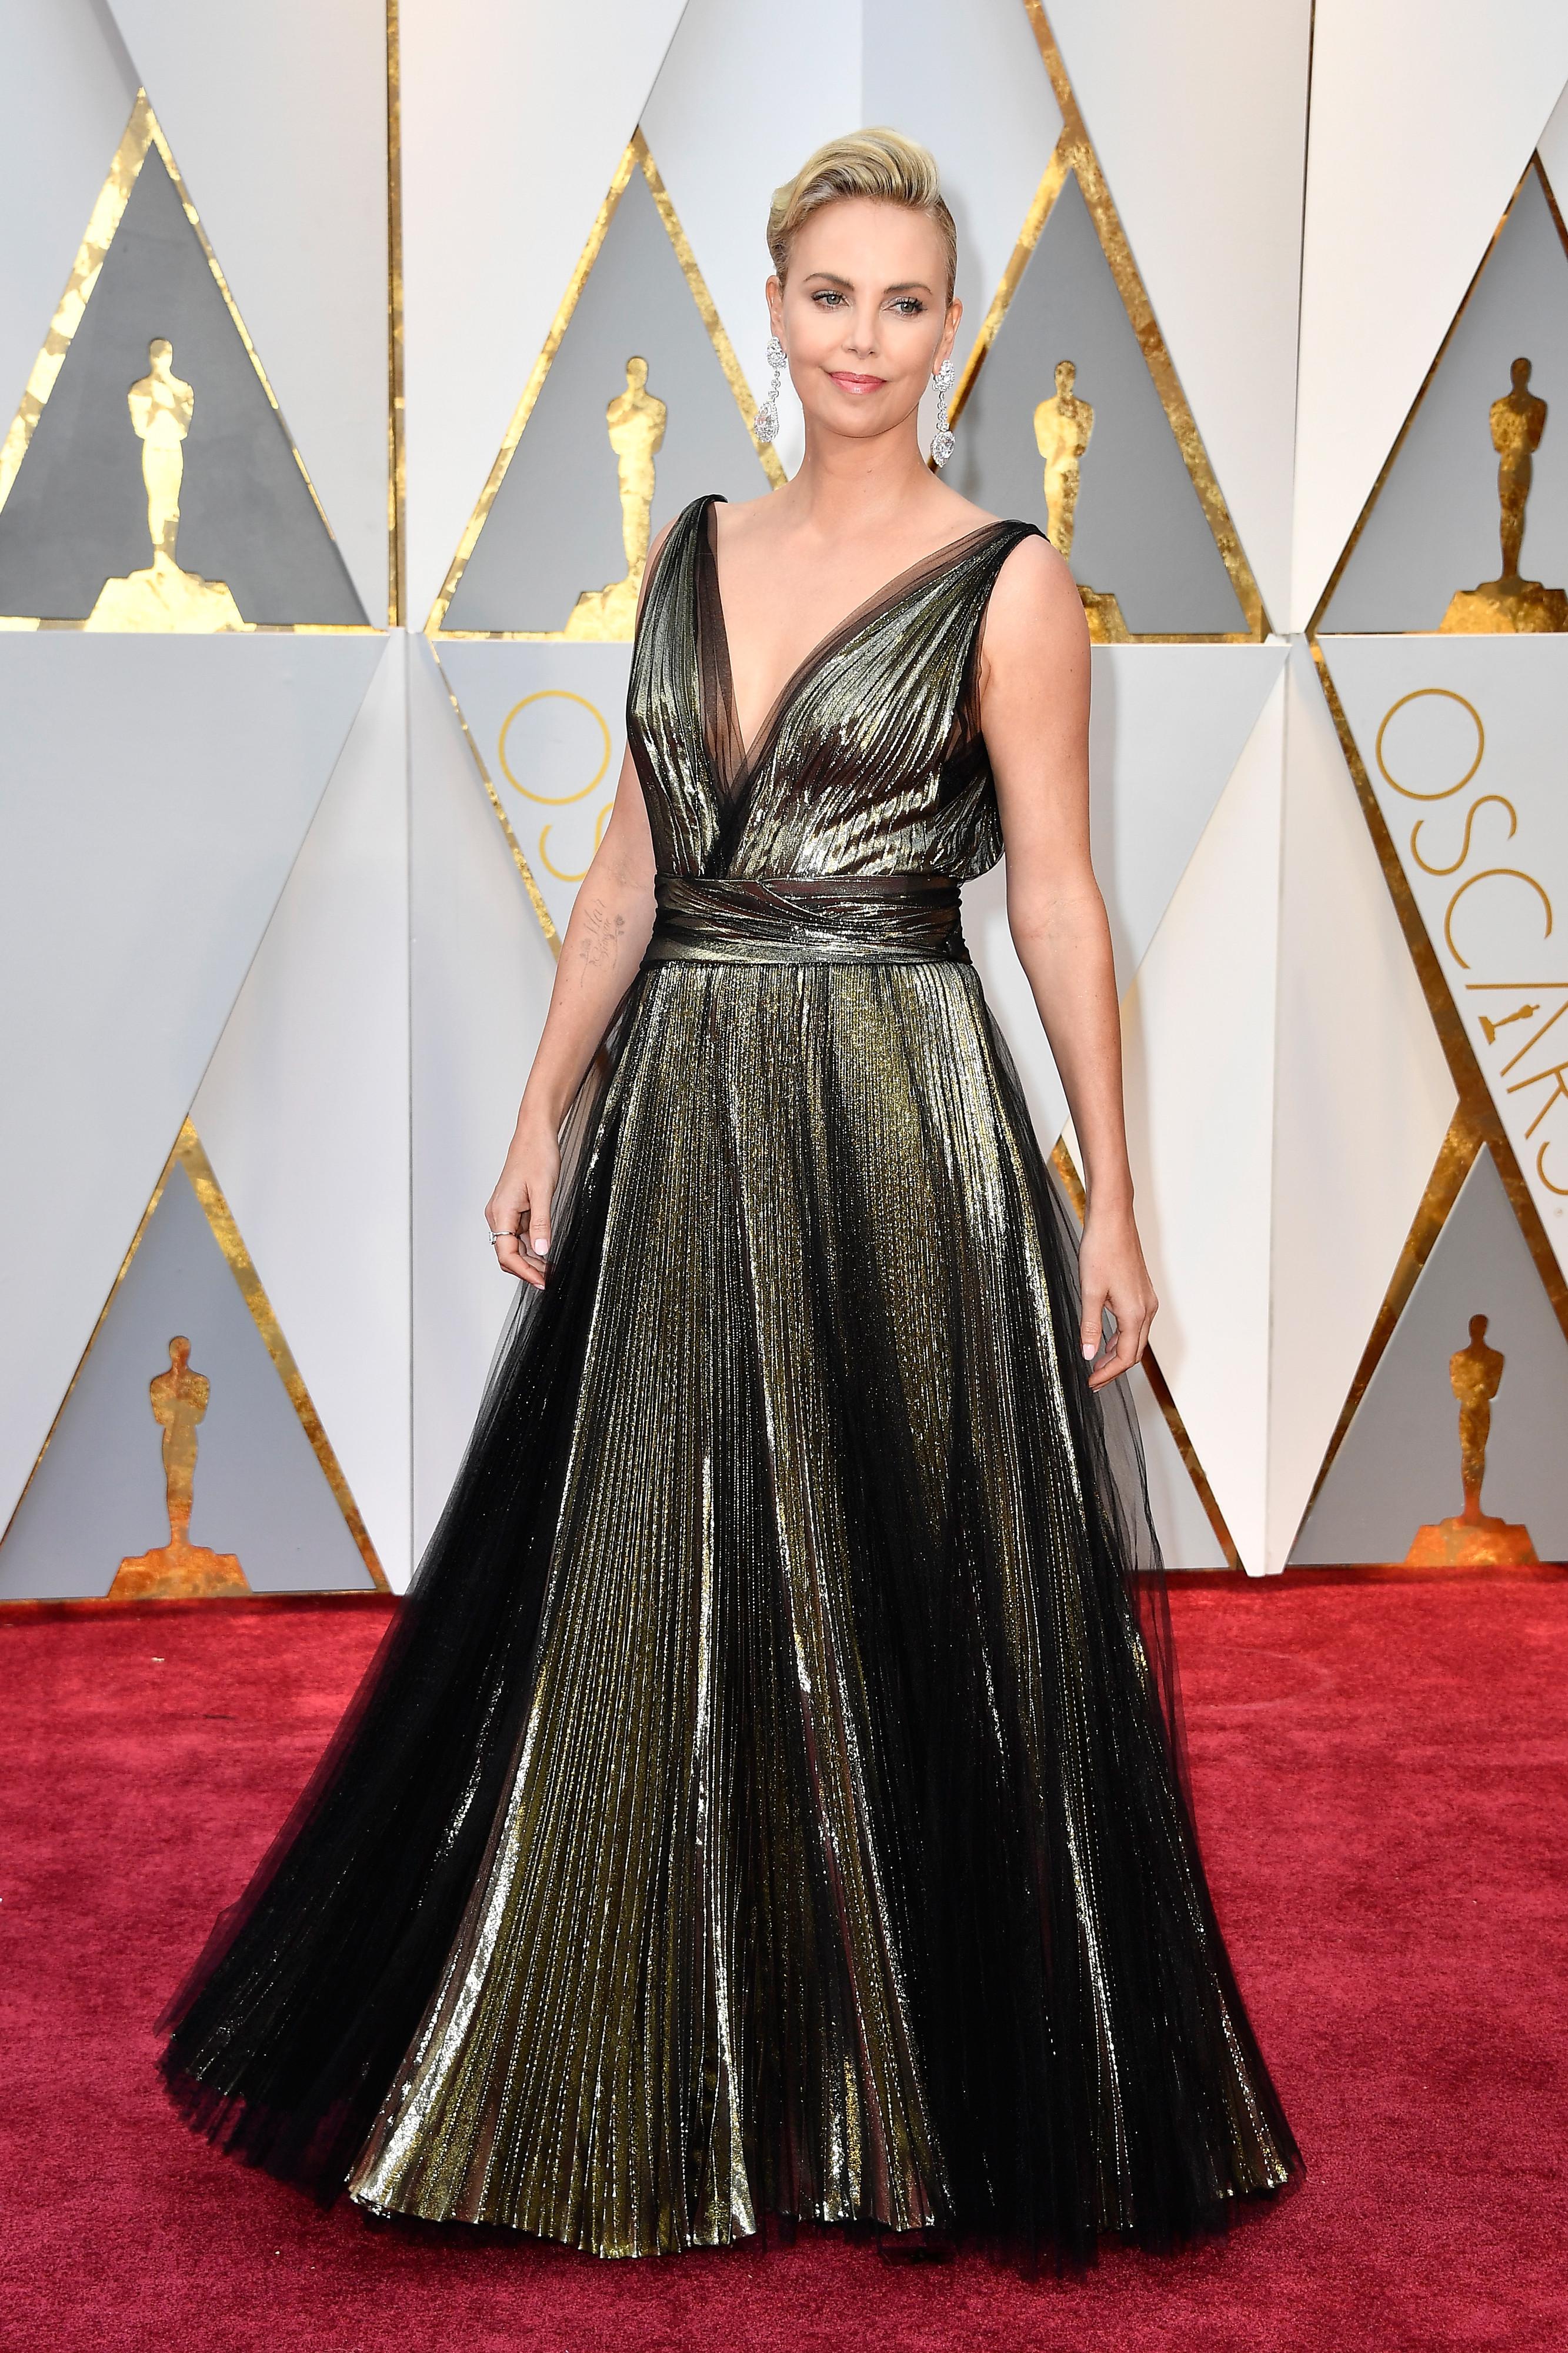 Аrrivederci a tutti! Току що ни прилоша от тази рокля.